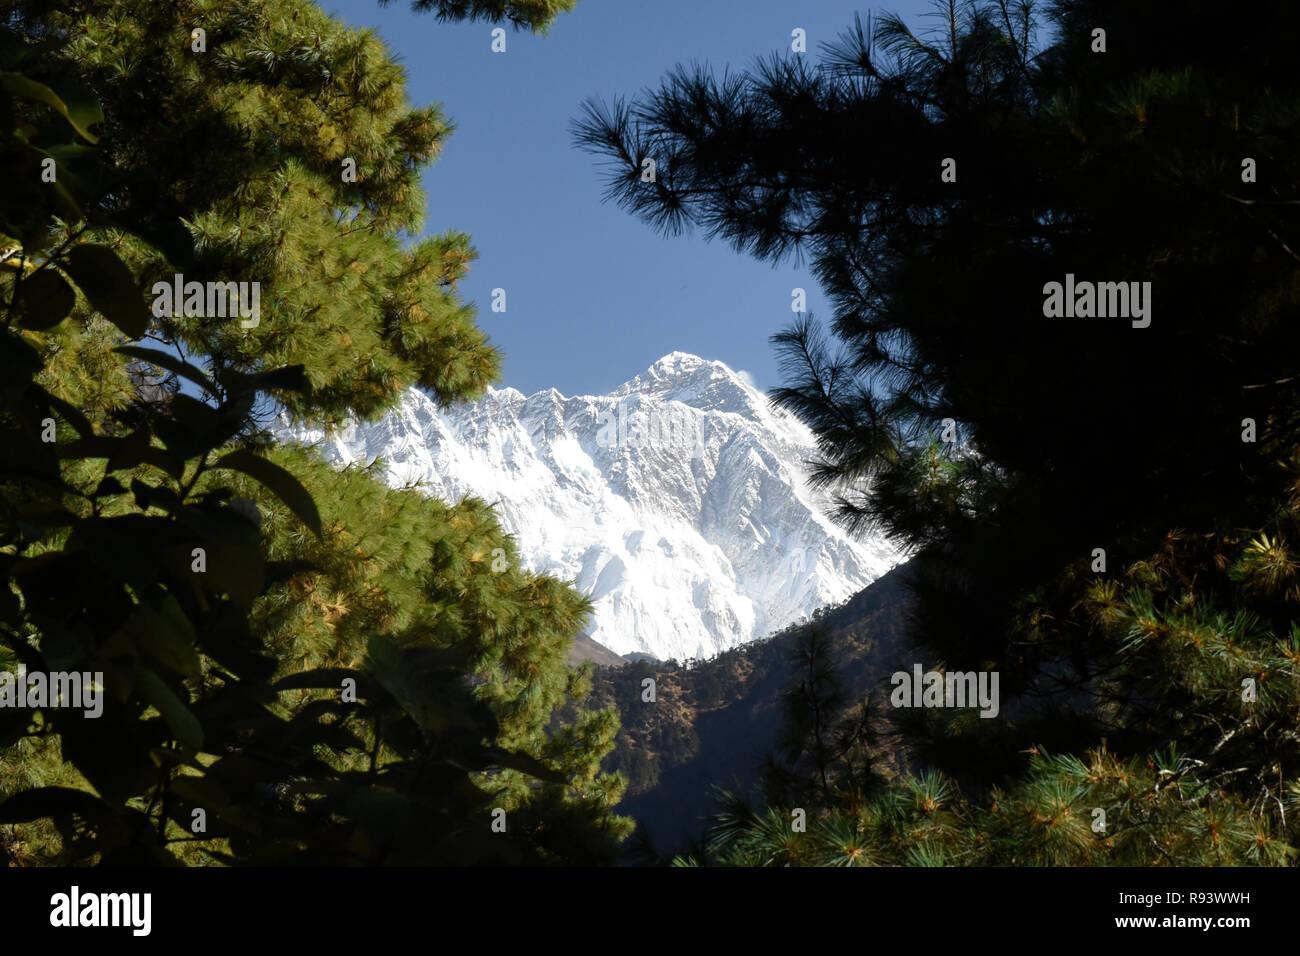 Mount Everest glimpsed through the trees, Khumbu, Nepal - Stock Image